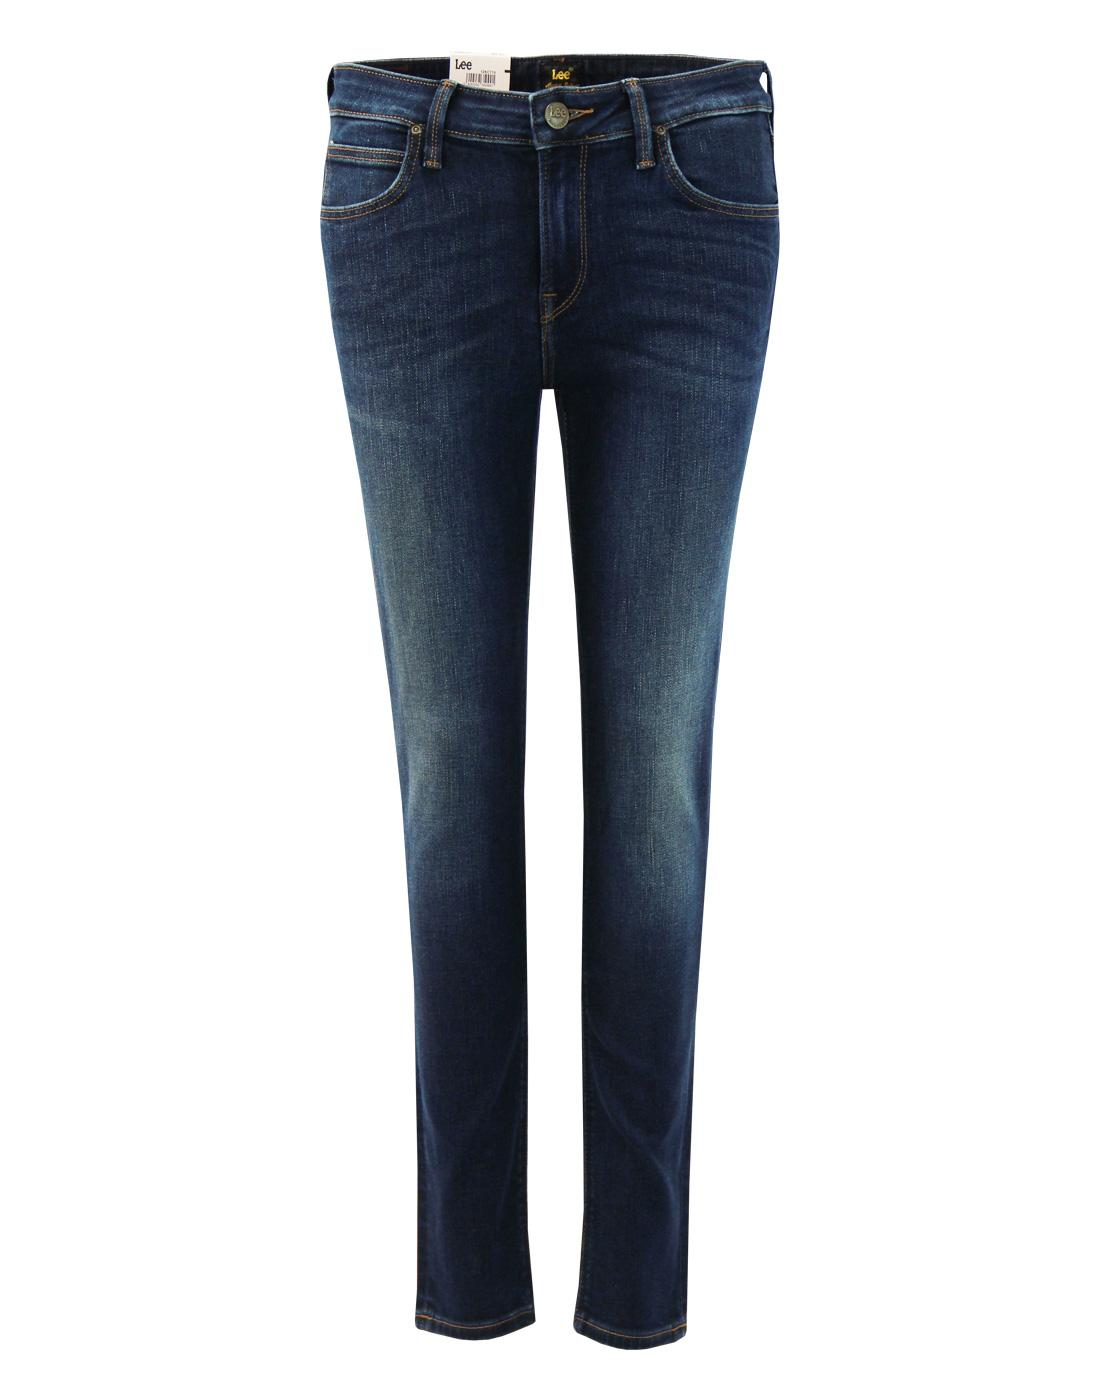 Scarlett LEE Retro Womens Mean Streak Skinny Jeans